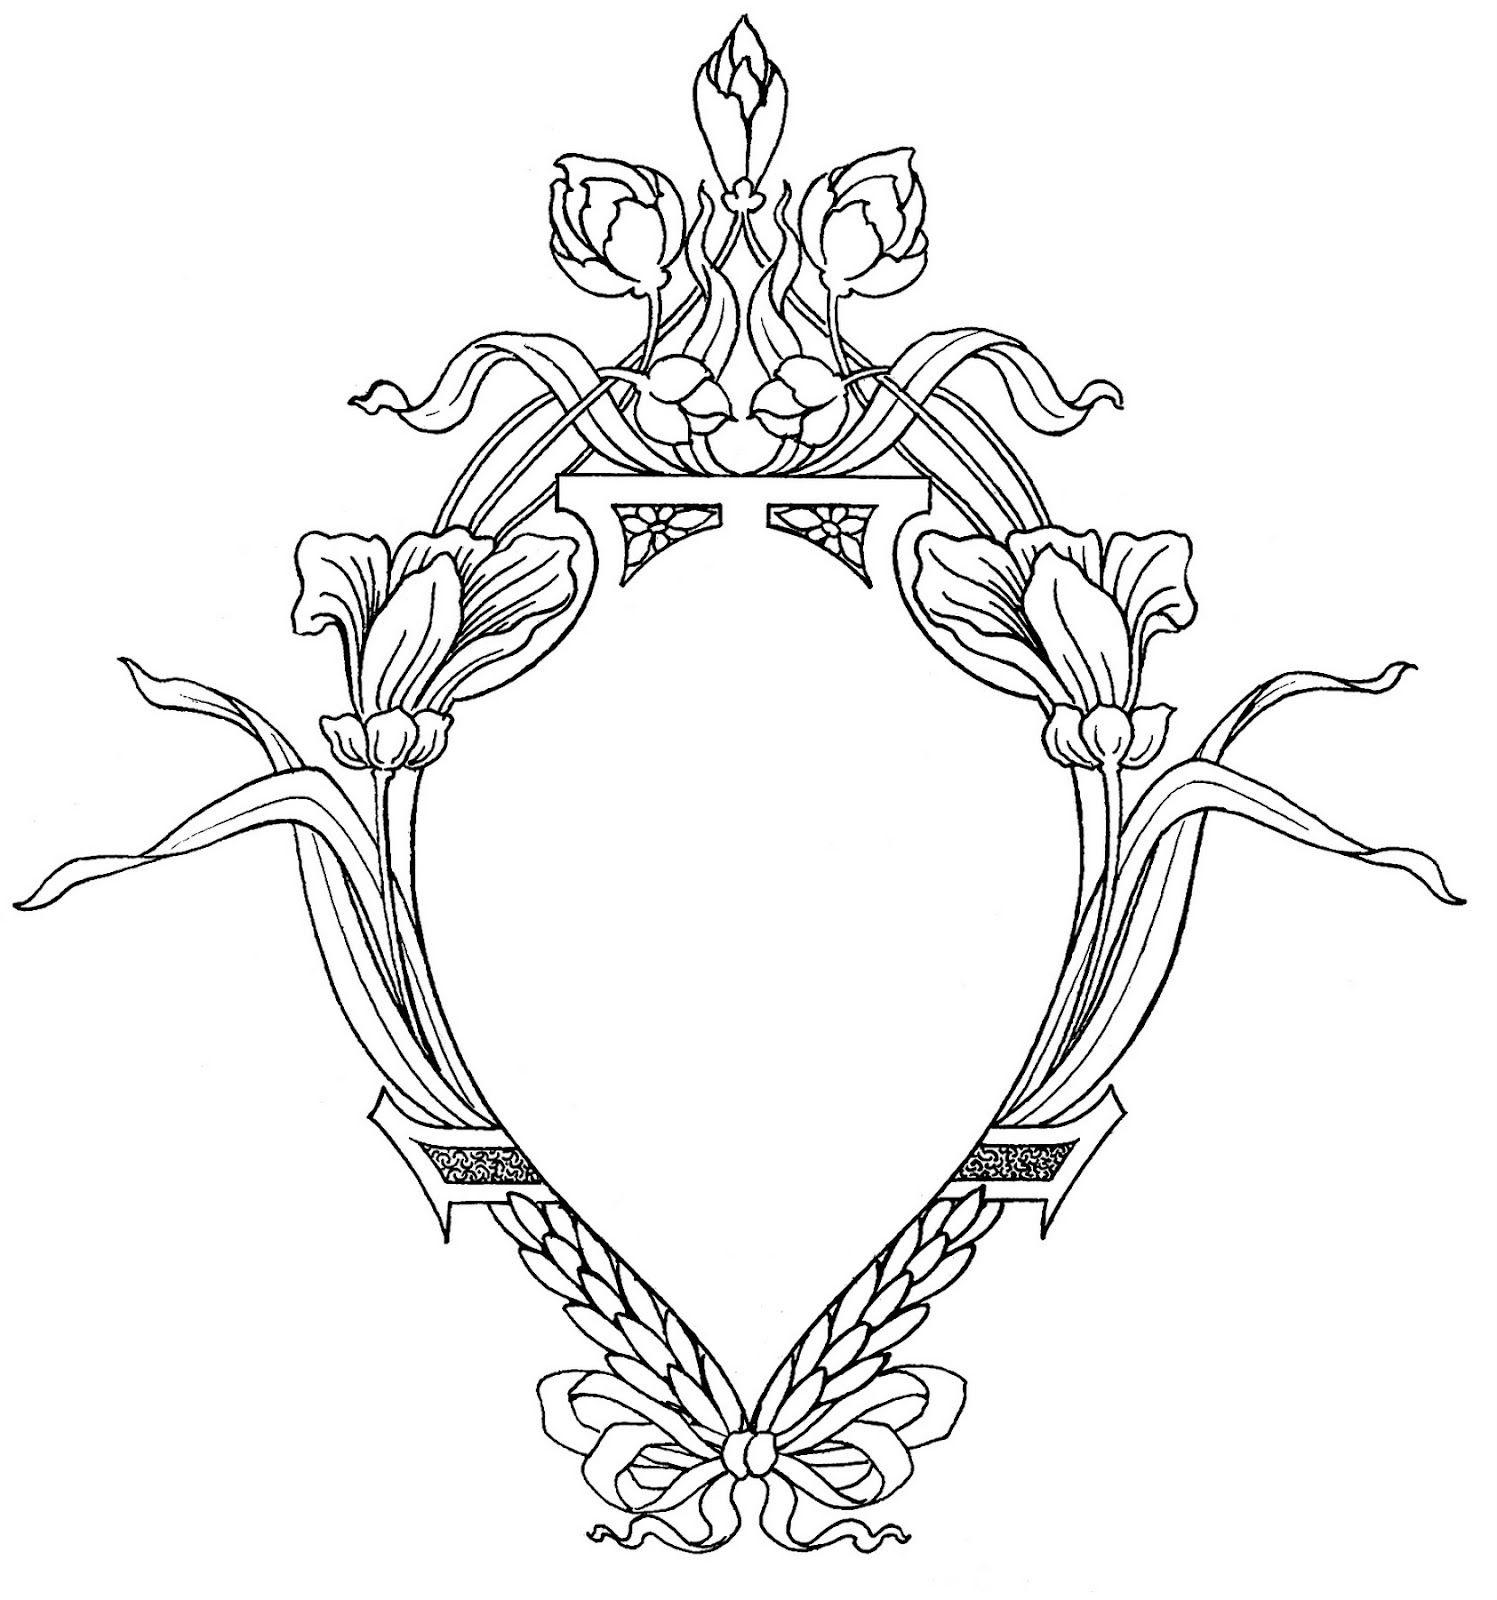 Art deco ornaments -  The Graphics Fairy Llc Request Day Sunflowers Seahorse Art Nouveau